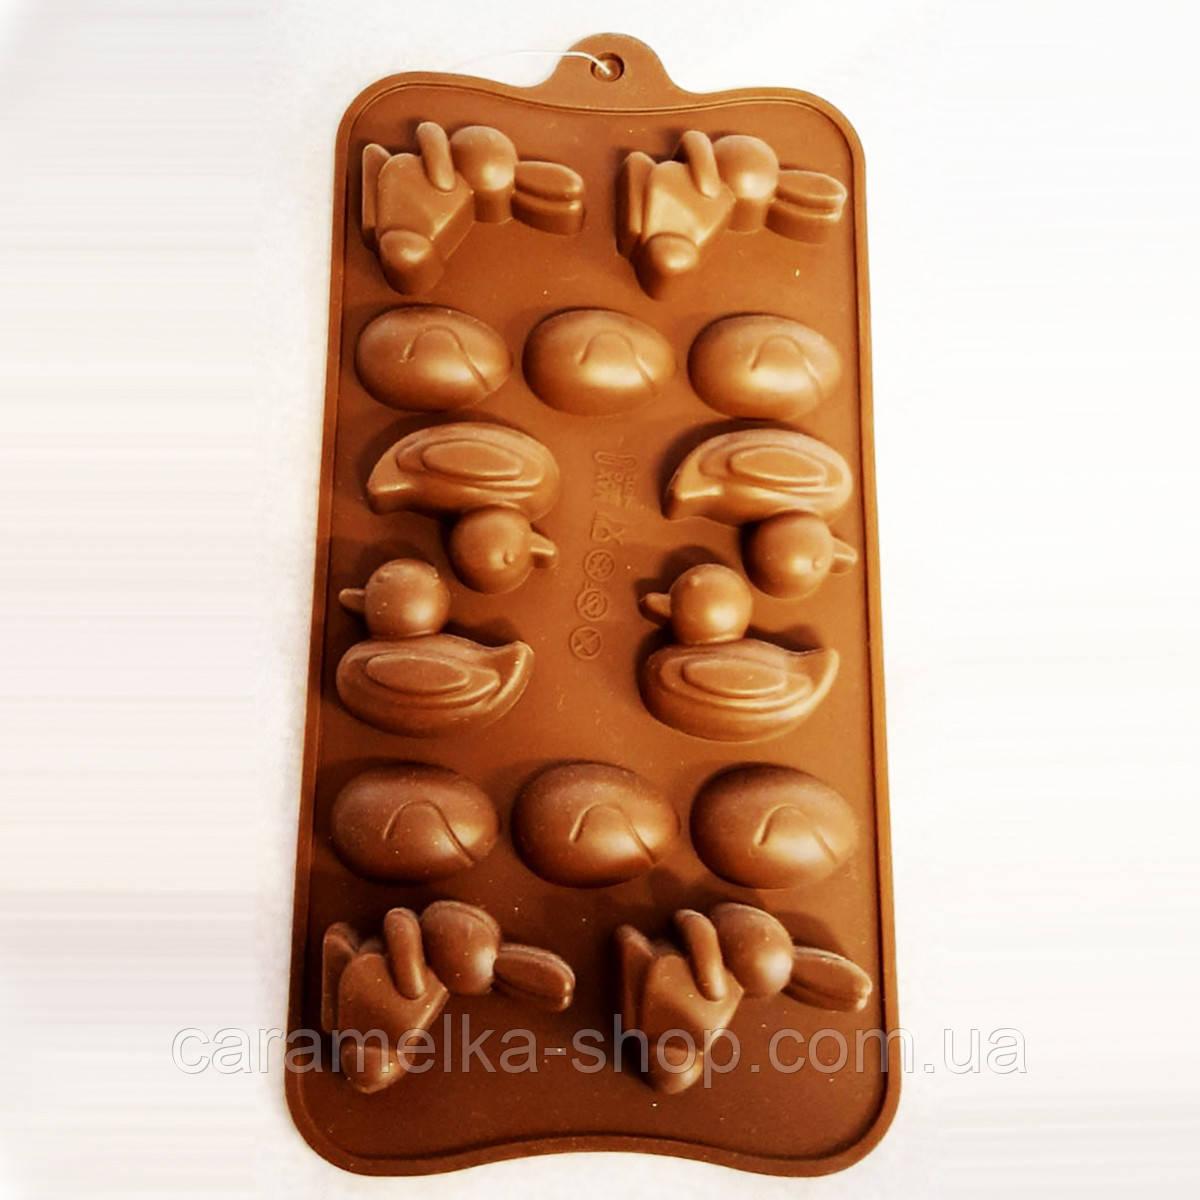 Силіконова форма для цукерок з шоколаду великодня